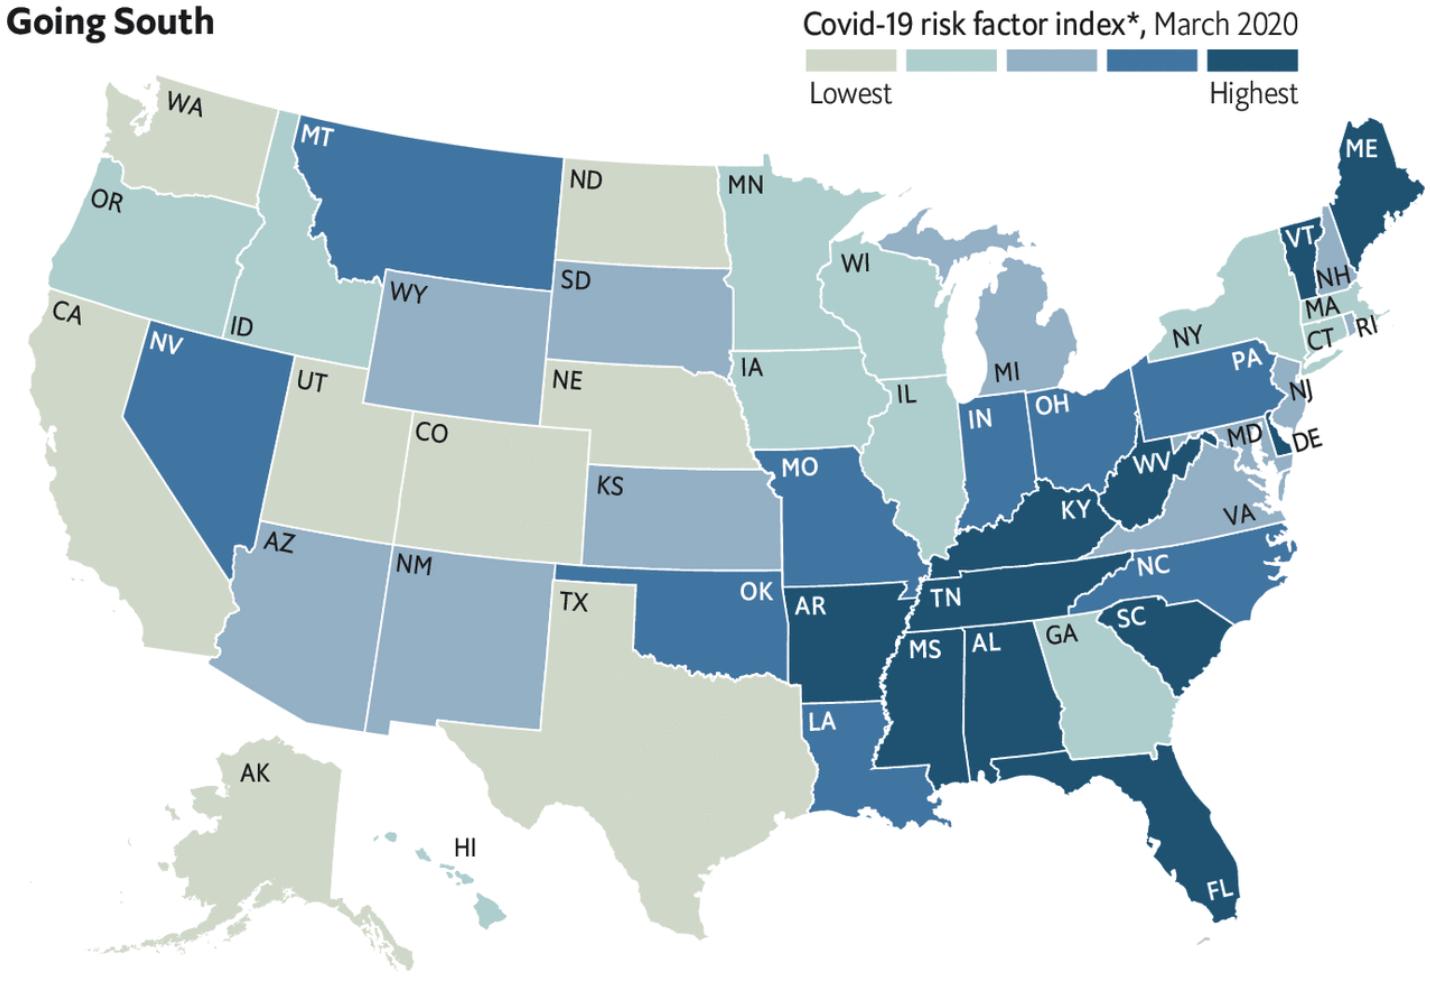 Индекс коронавирусного риска в разных штатах США. Серый — минимальный риск, темно-синий — максимальный. Миссисипи (MS) считается штатом с максимальным уровнем риска. Источник: TheEconomist